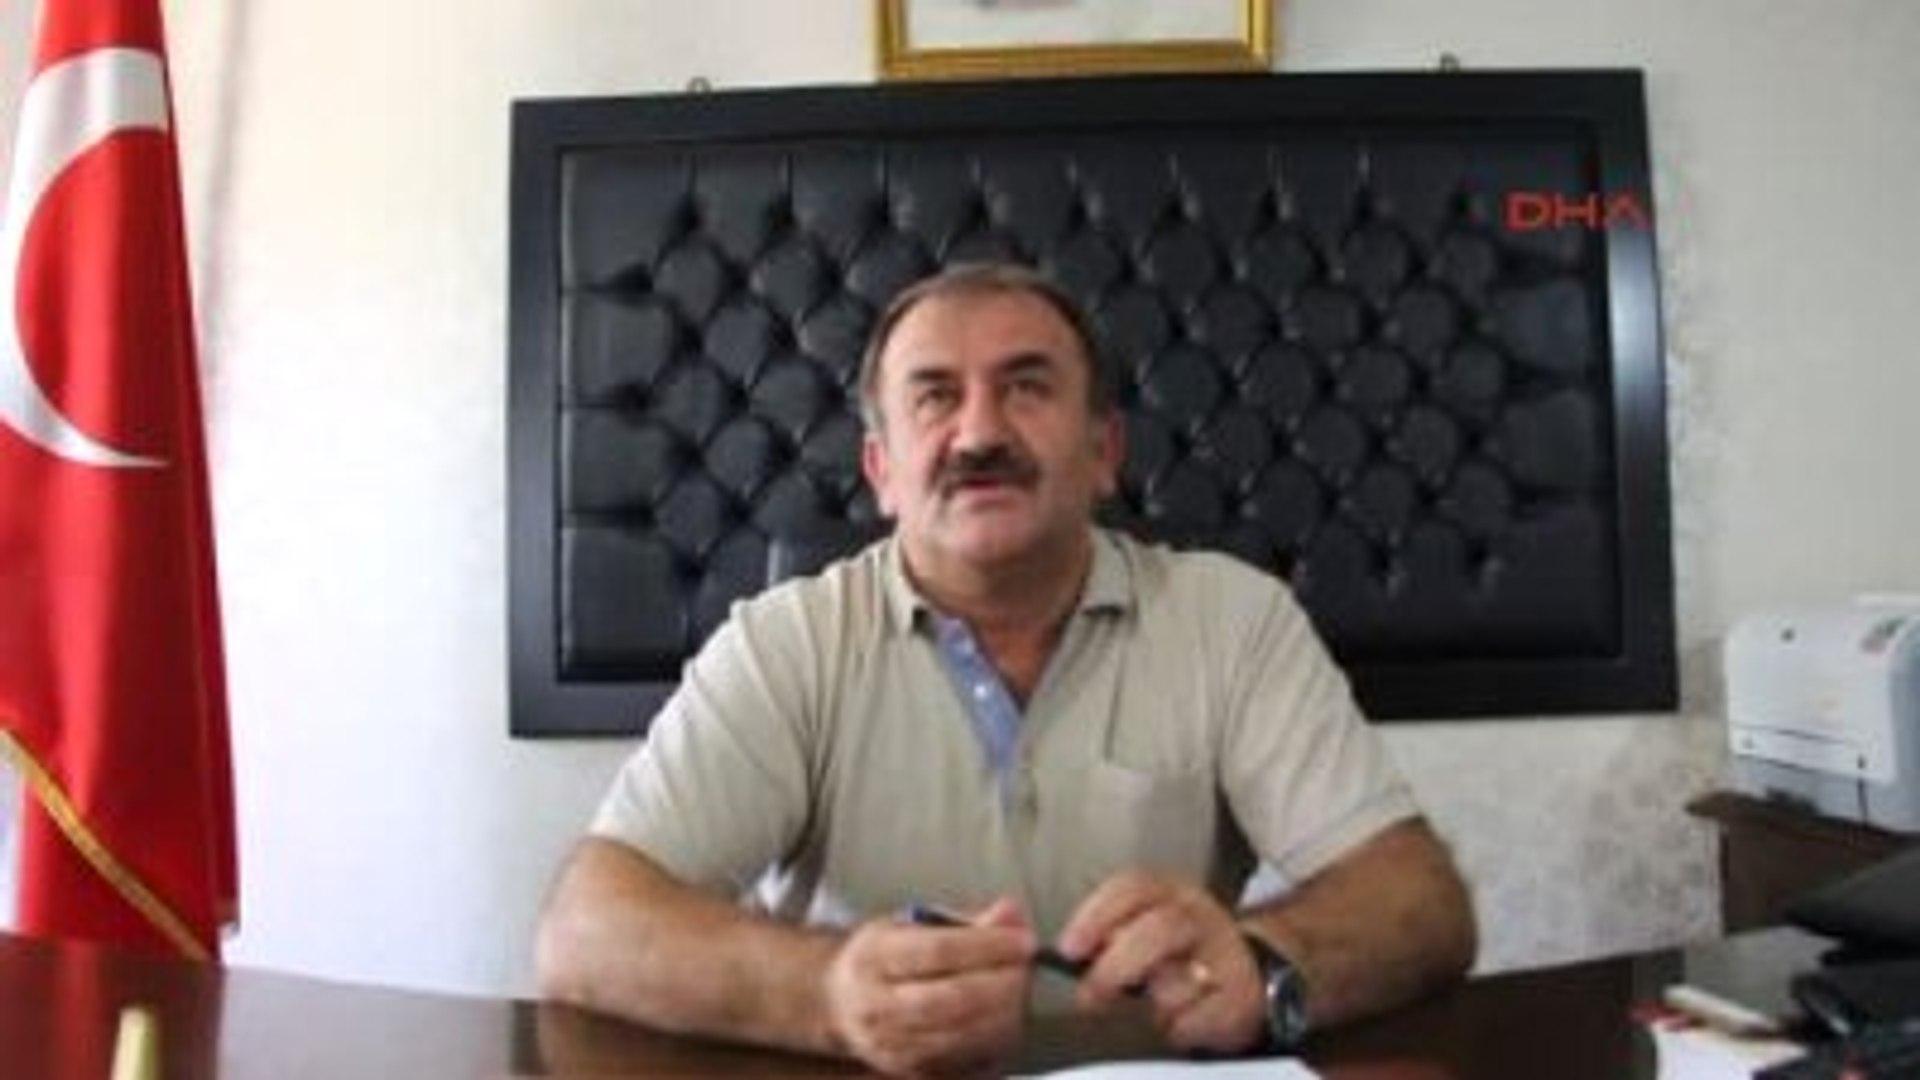 Hakkari Umut Kitapevi Sahibi Seferi Yılmaz Sarıkaya, AK Parti'den Destek Alarak Bu İddianameyi.